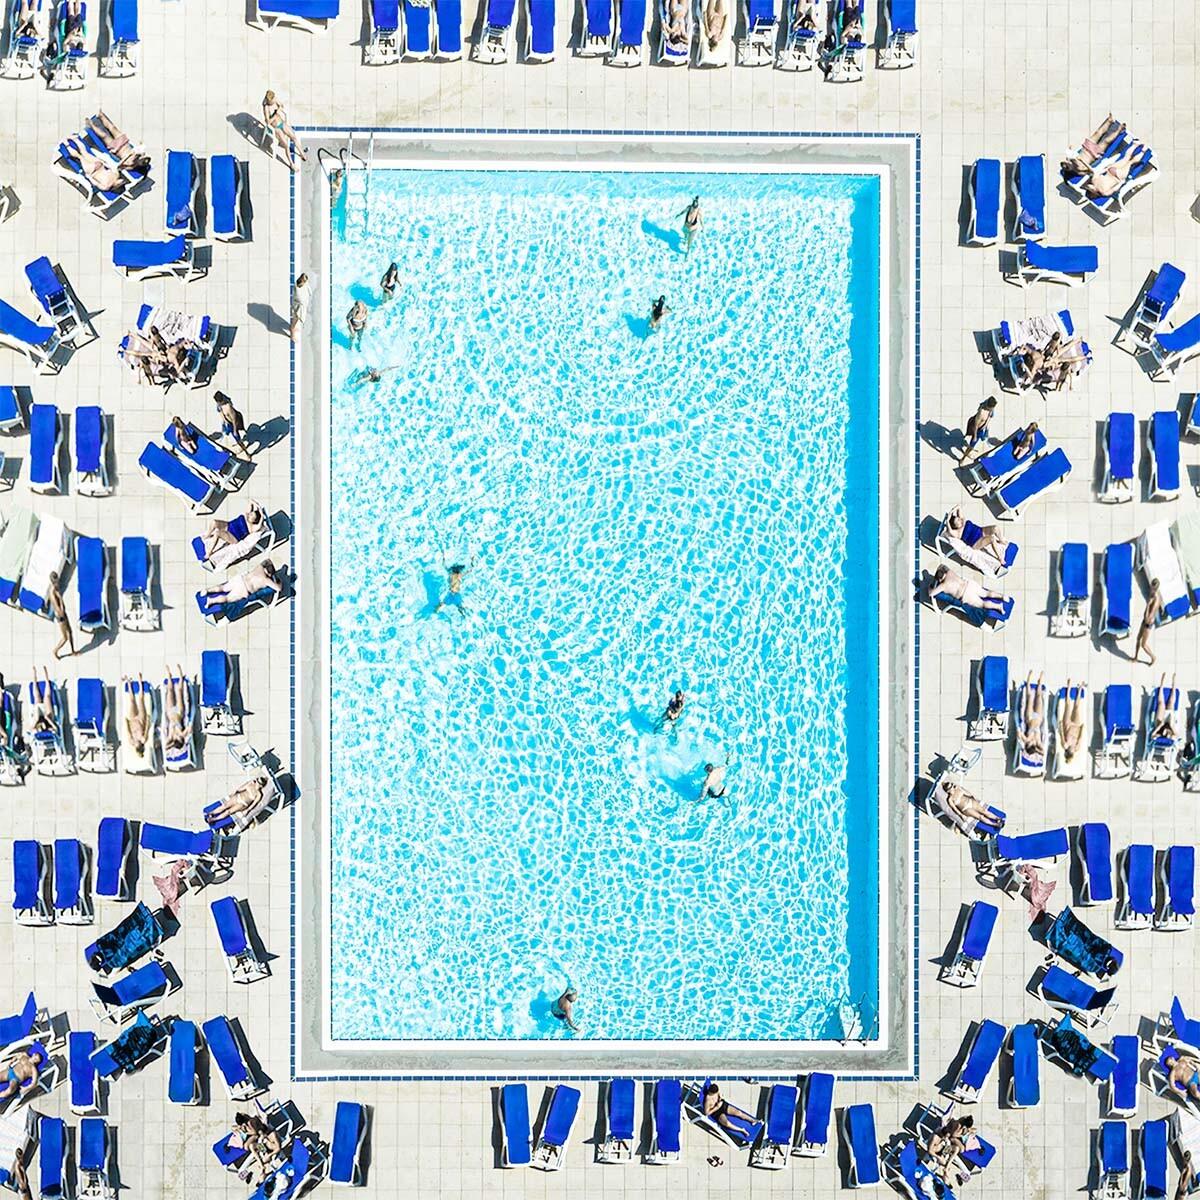 2 место в категории «Аэрофотосъёмка», 2021. «Бассейн, Барселона 2019». Автор Гизель Фернандини